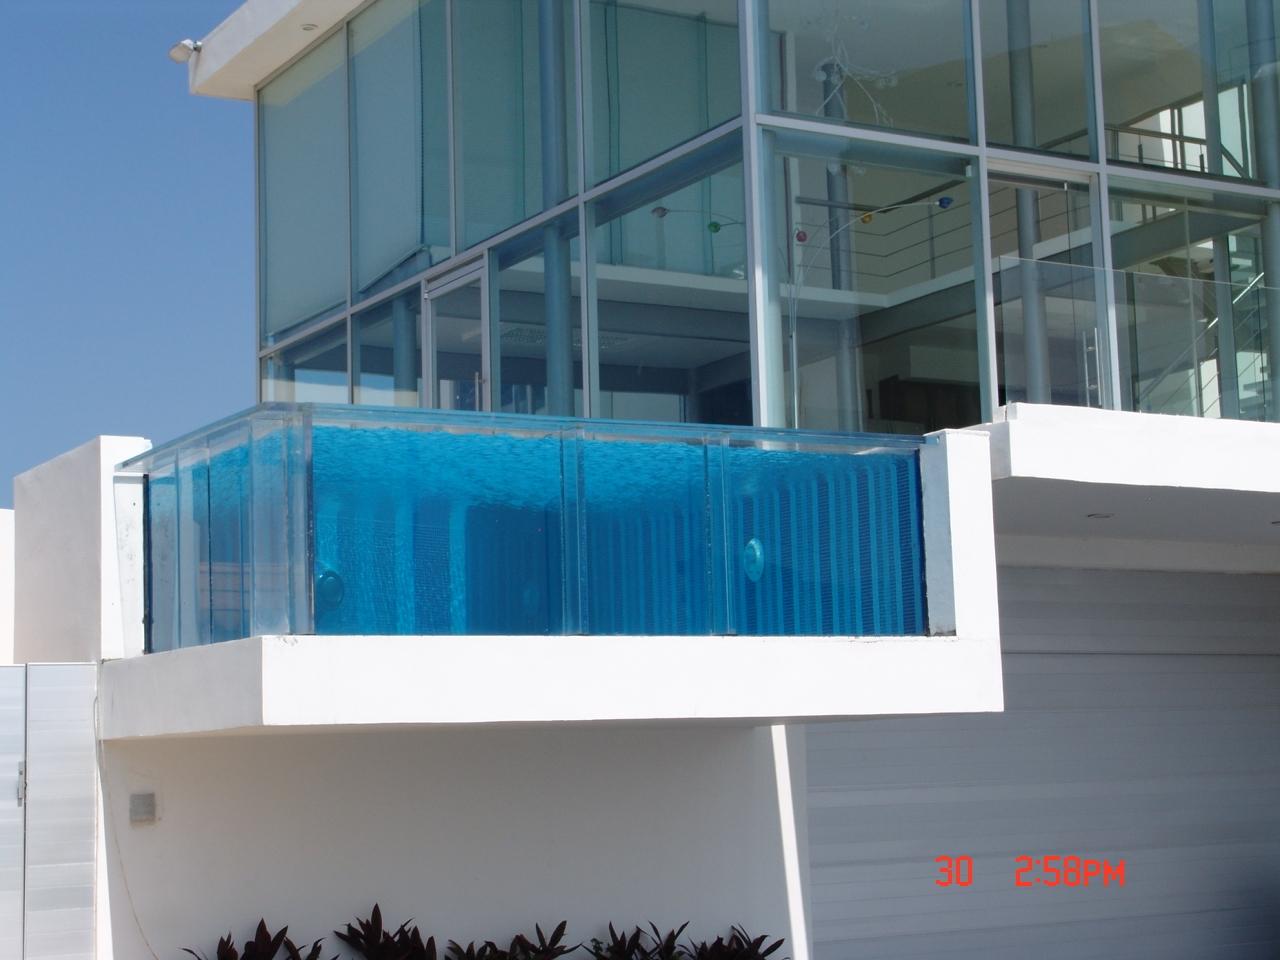 Construcci n de albercas acr lico para albercas - Vidrio para piscinas ...